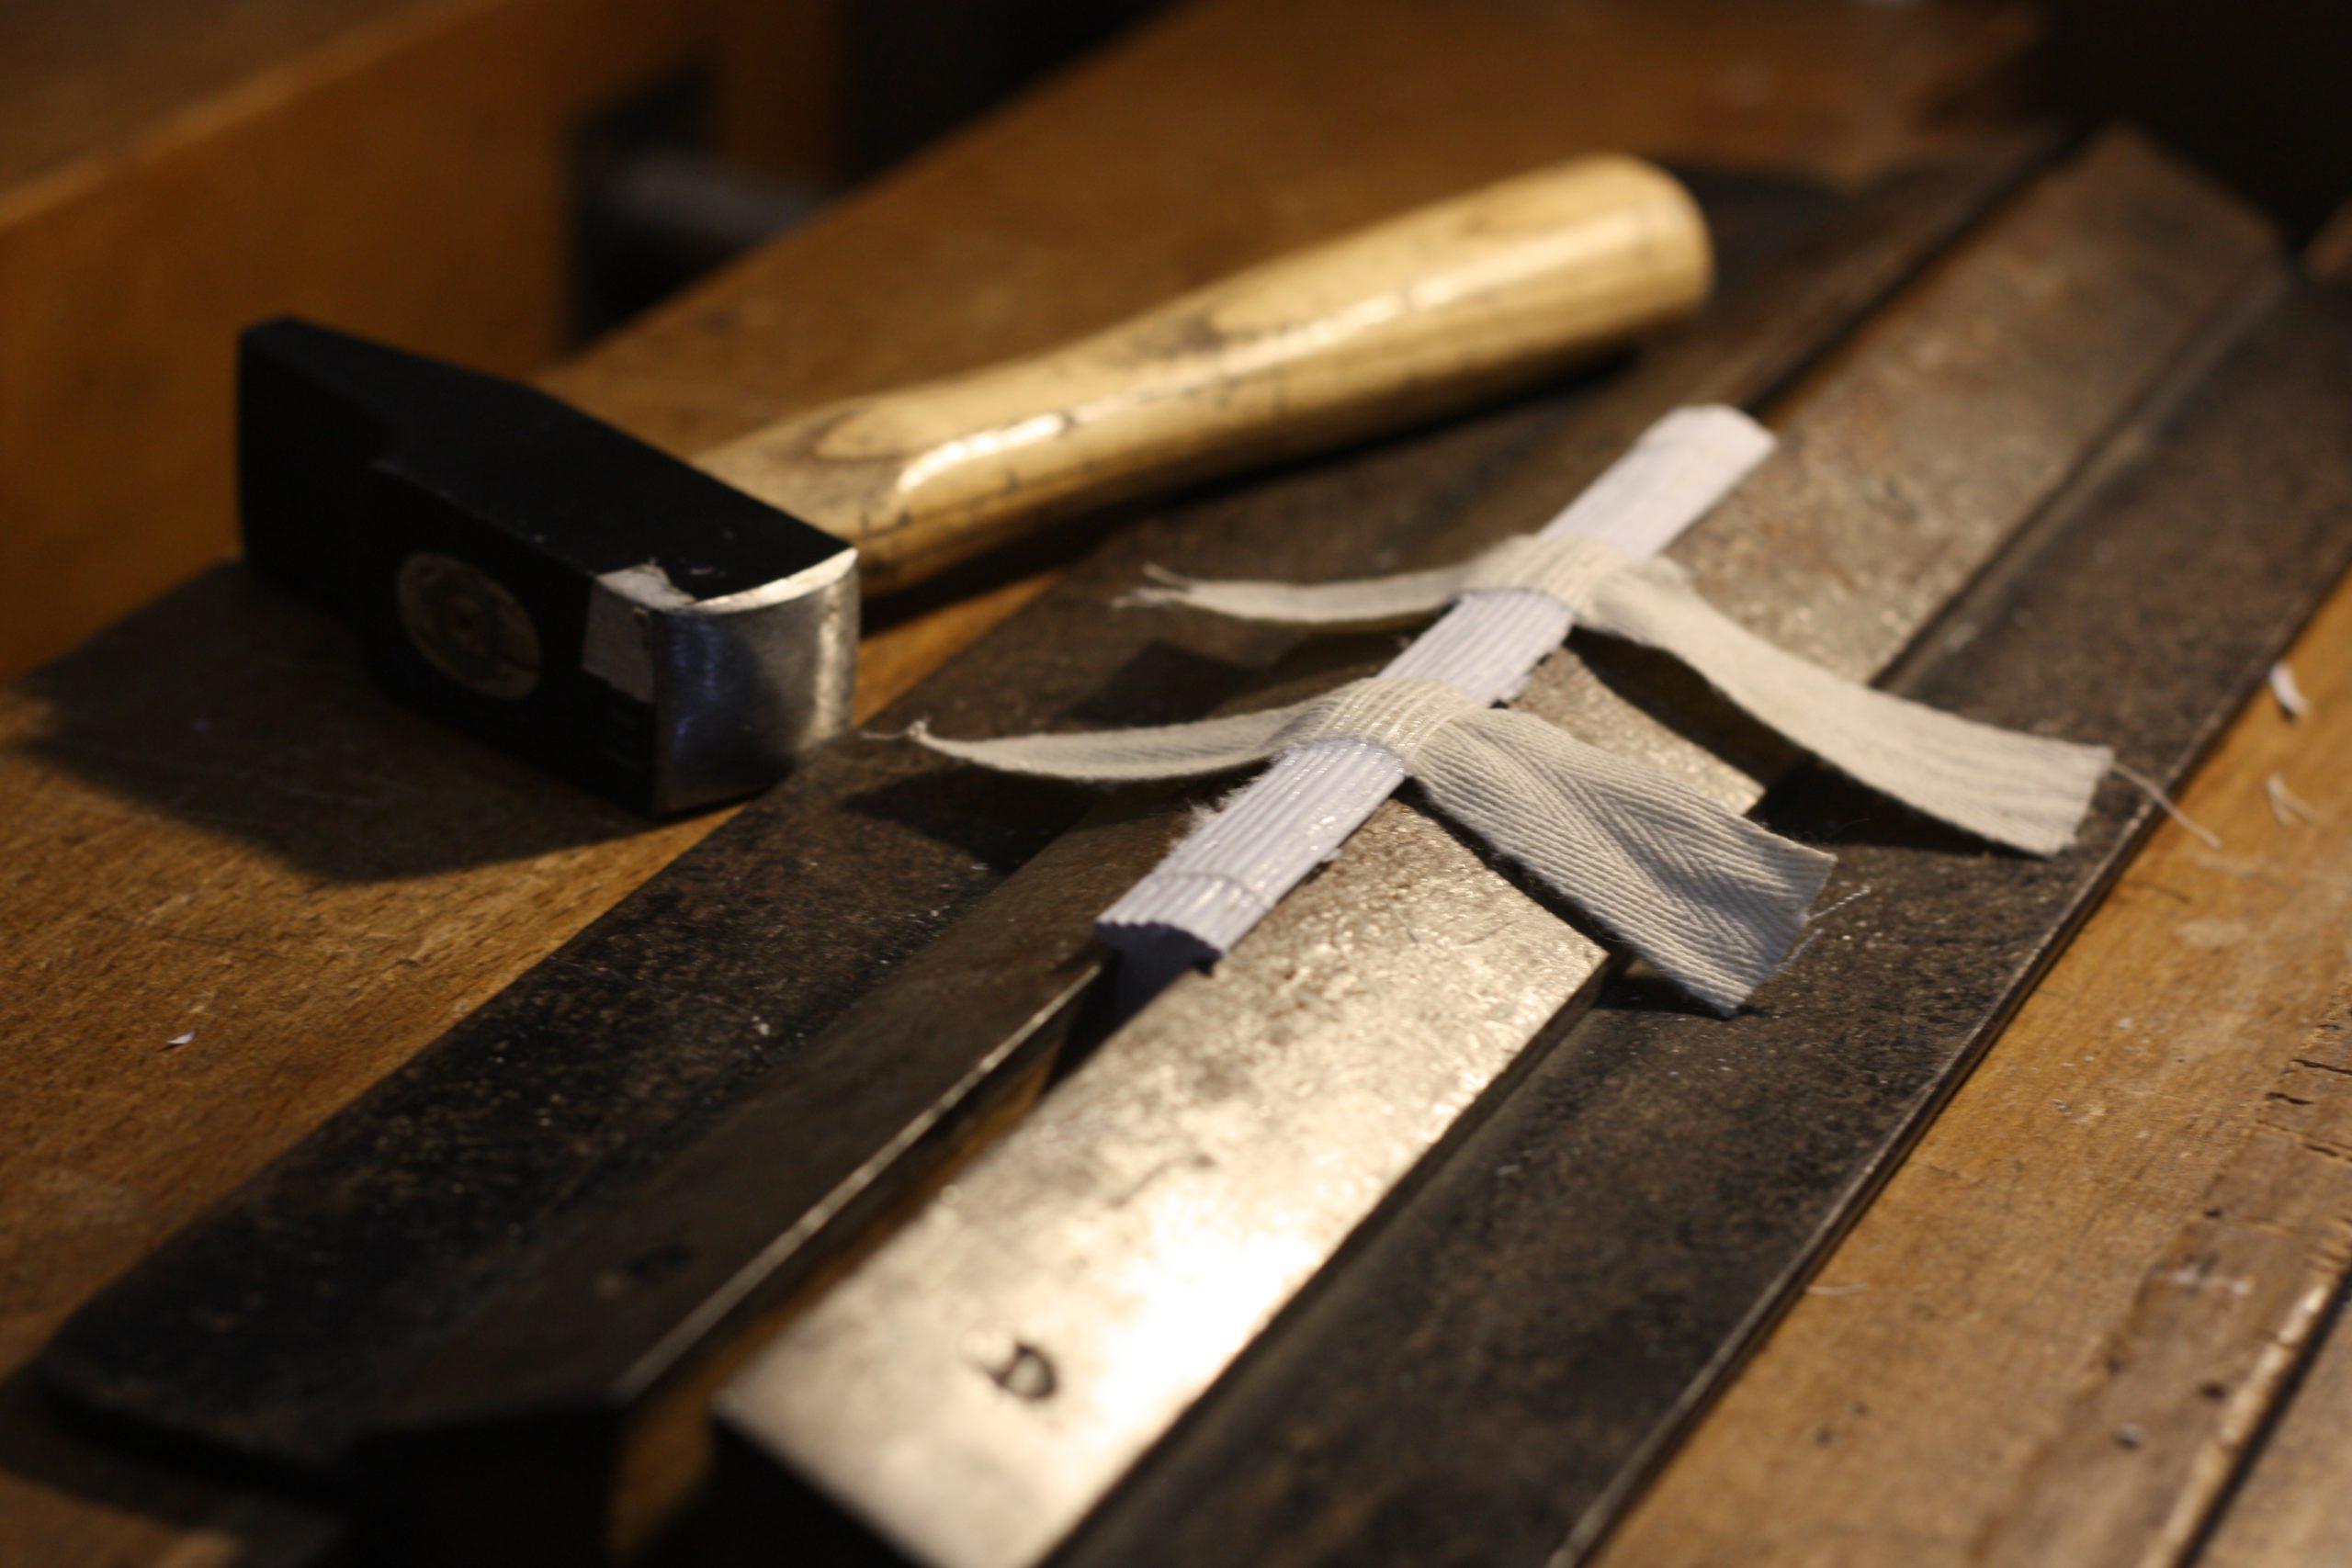 Le livre est placé dans un étau pour être endossé avec un marteau